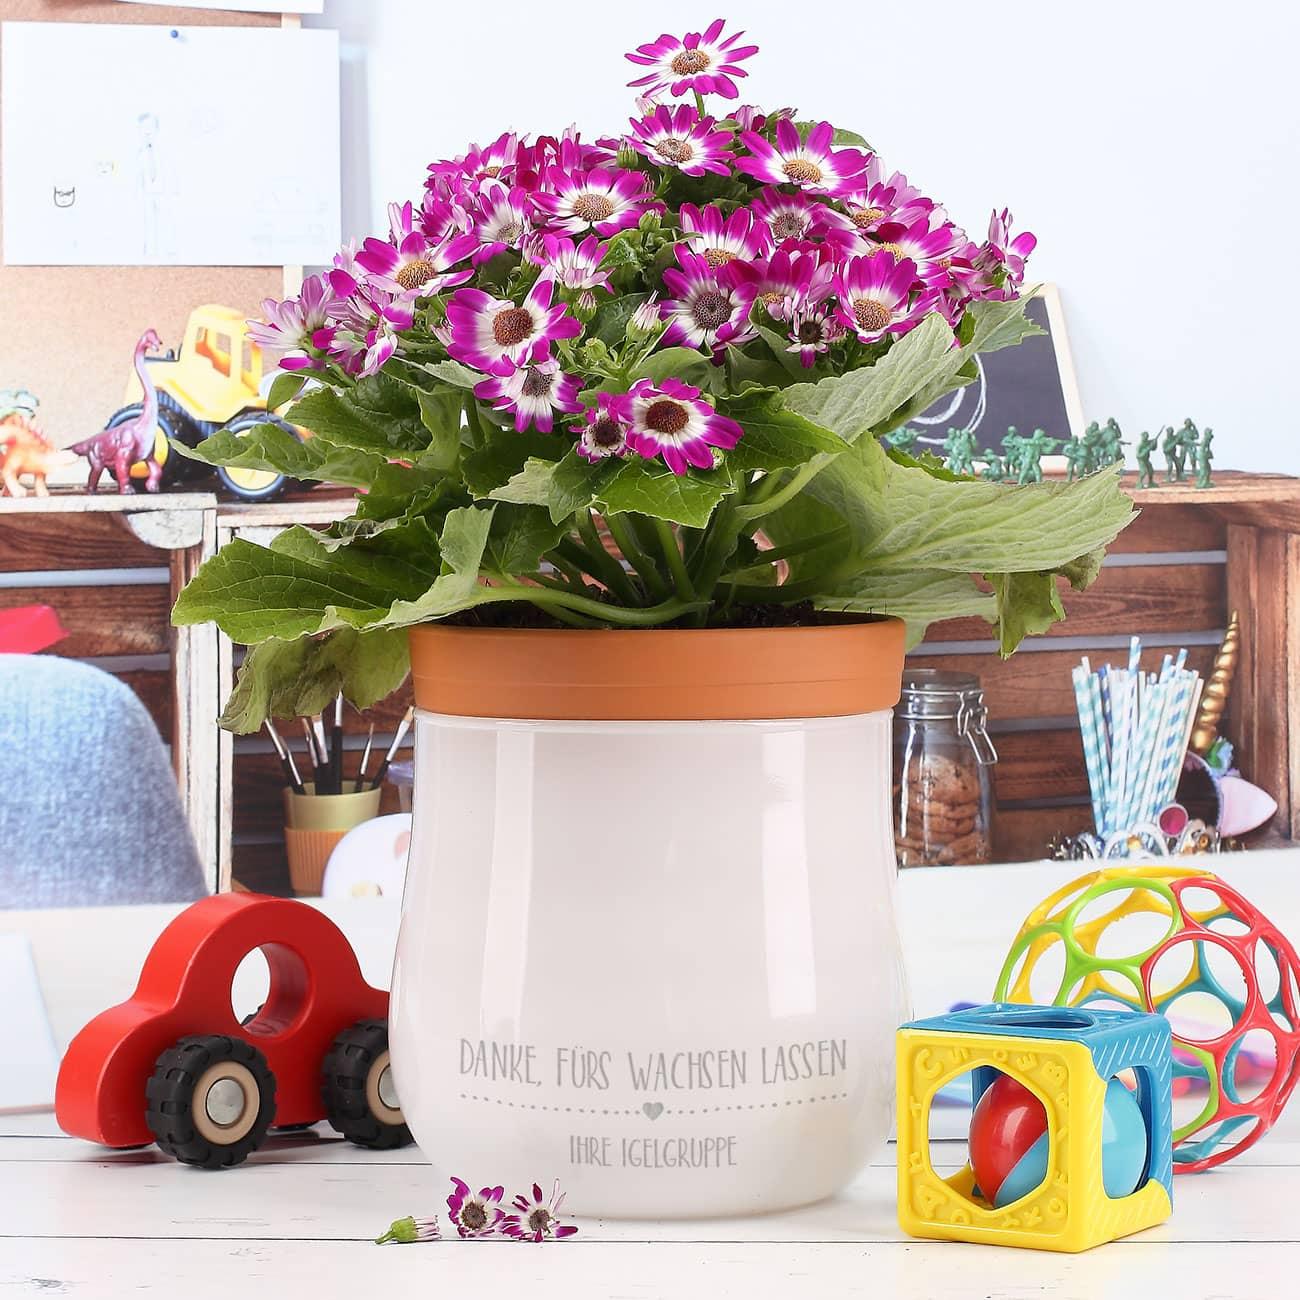 Ein Personliches Dankeschon Geschenk Der Leonardo Blumentopf Mit Wunschgravur